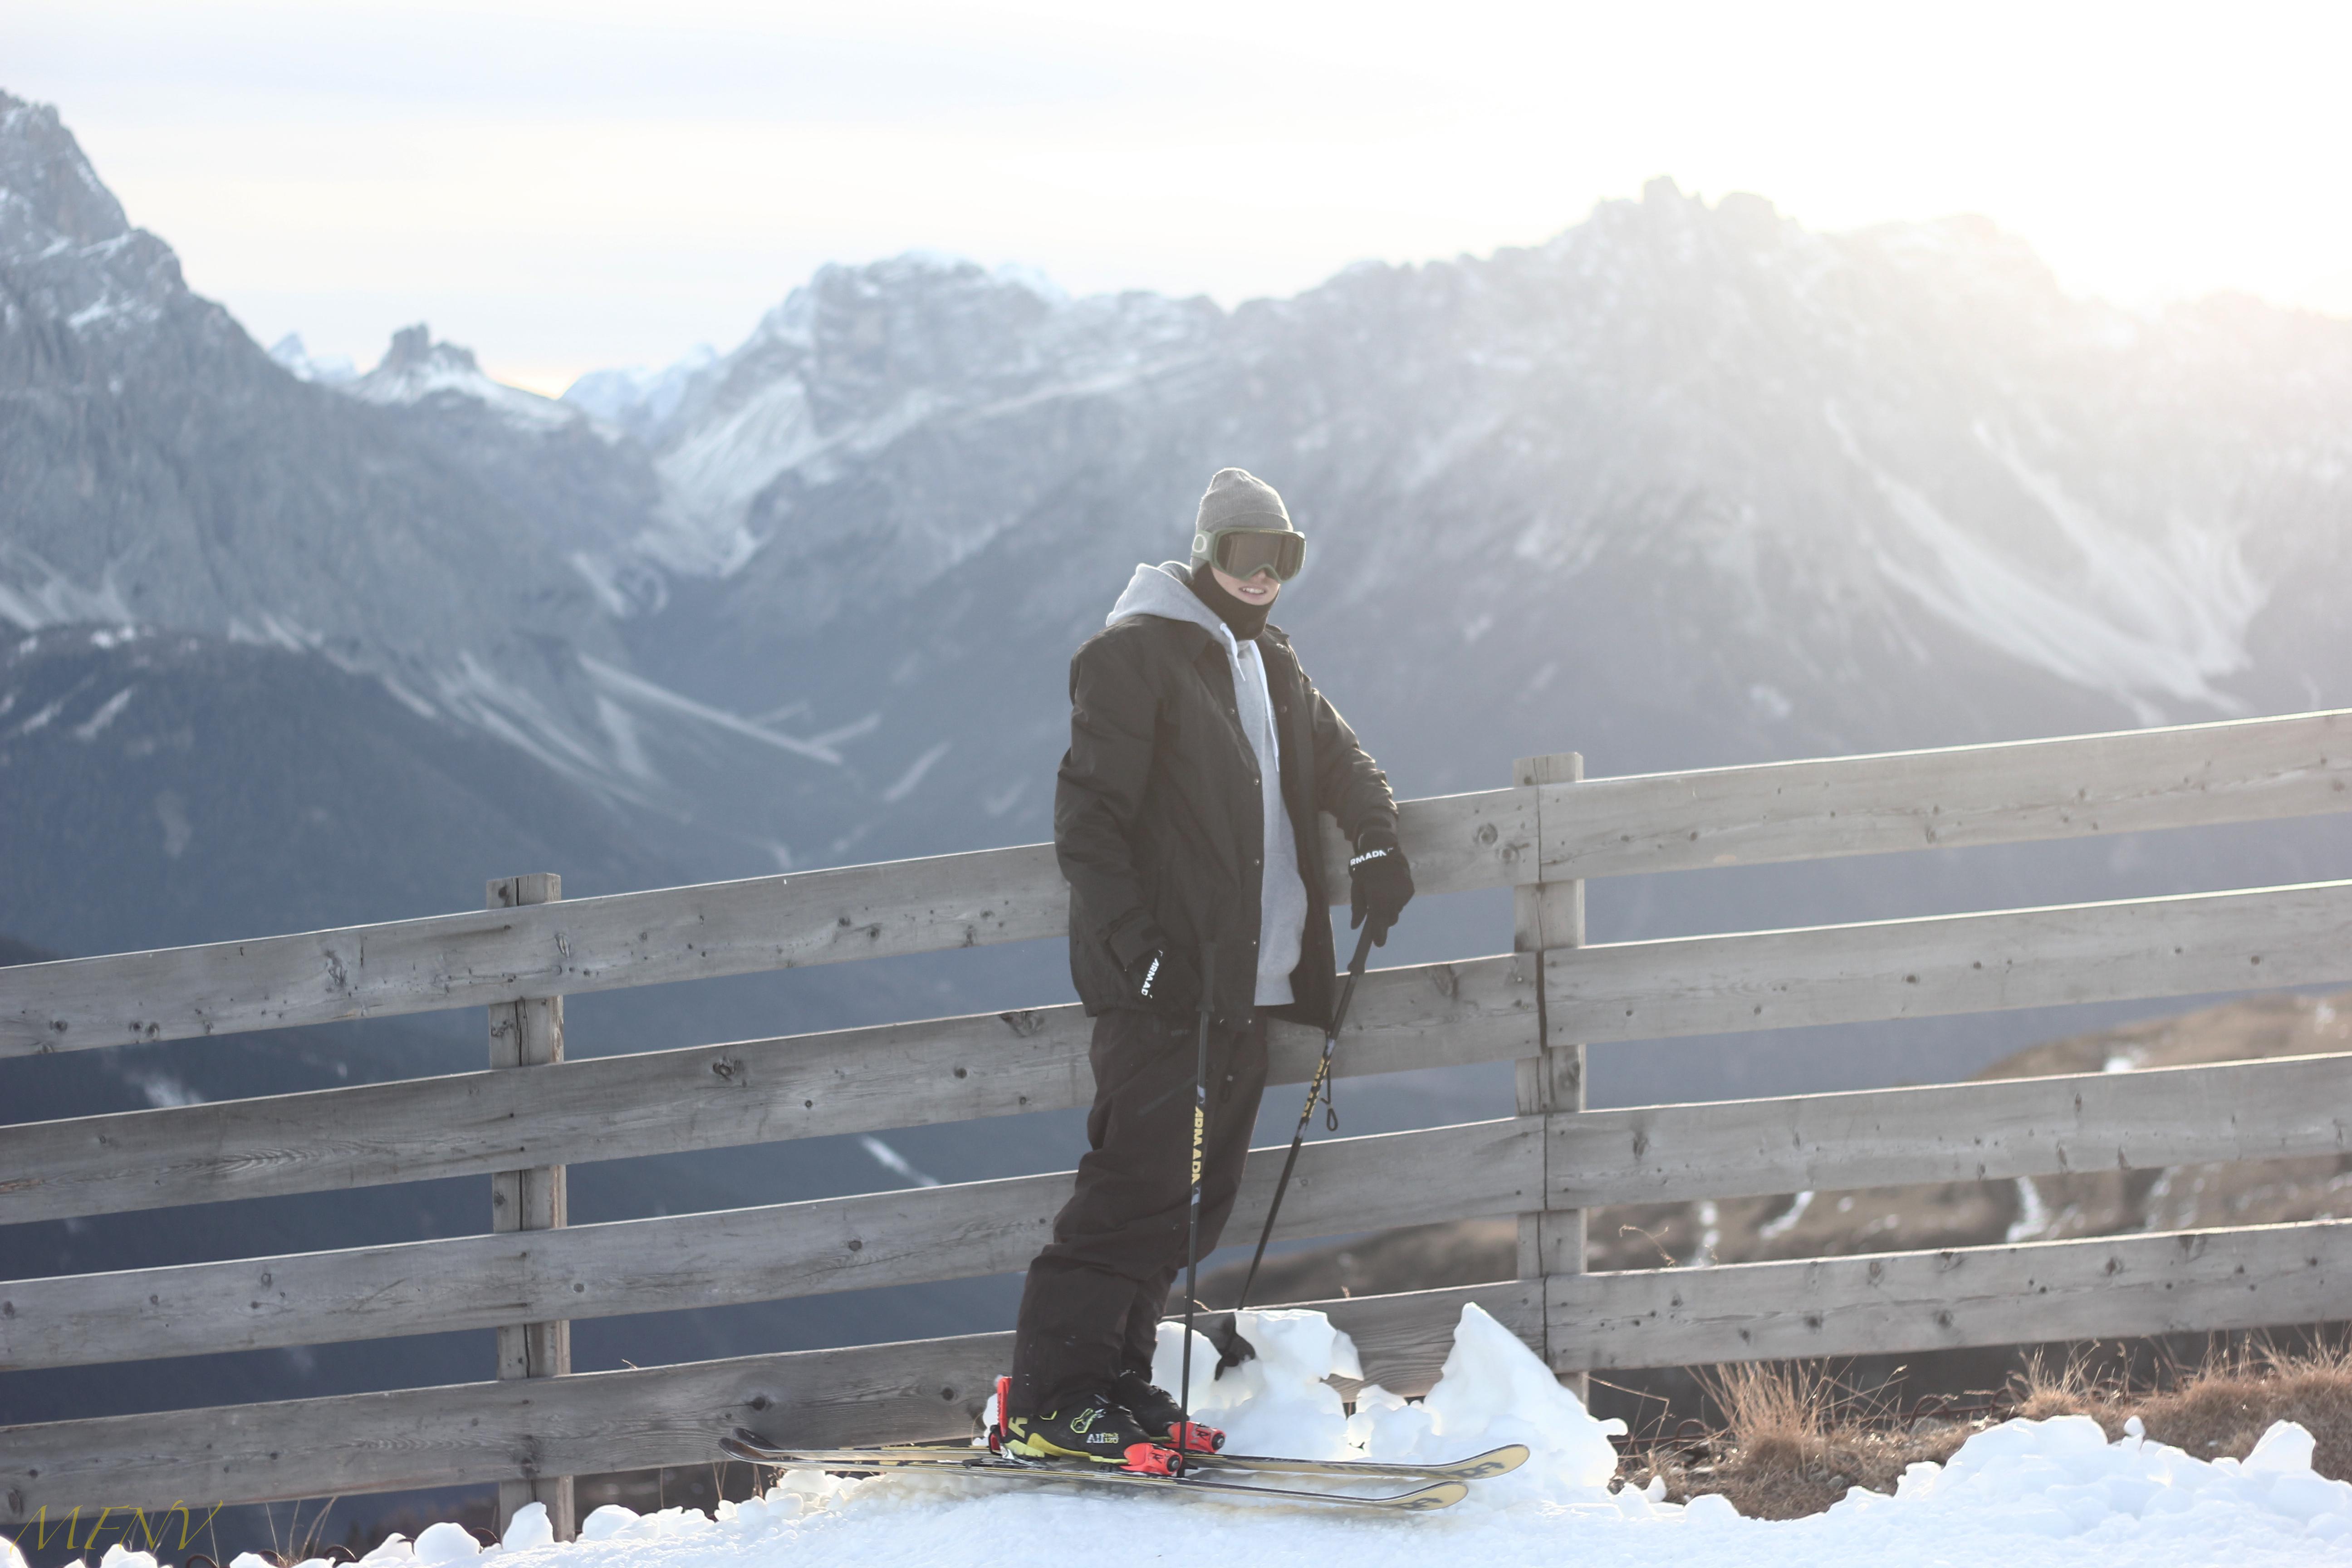 Und zwischendurch genießt Viktor Moosmann auch einmal die Berge. Foto: Marco Notter